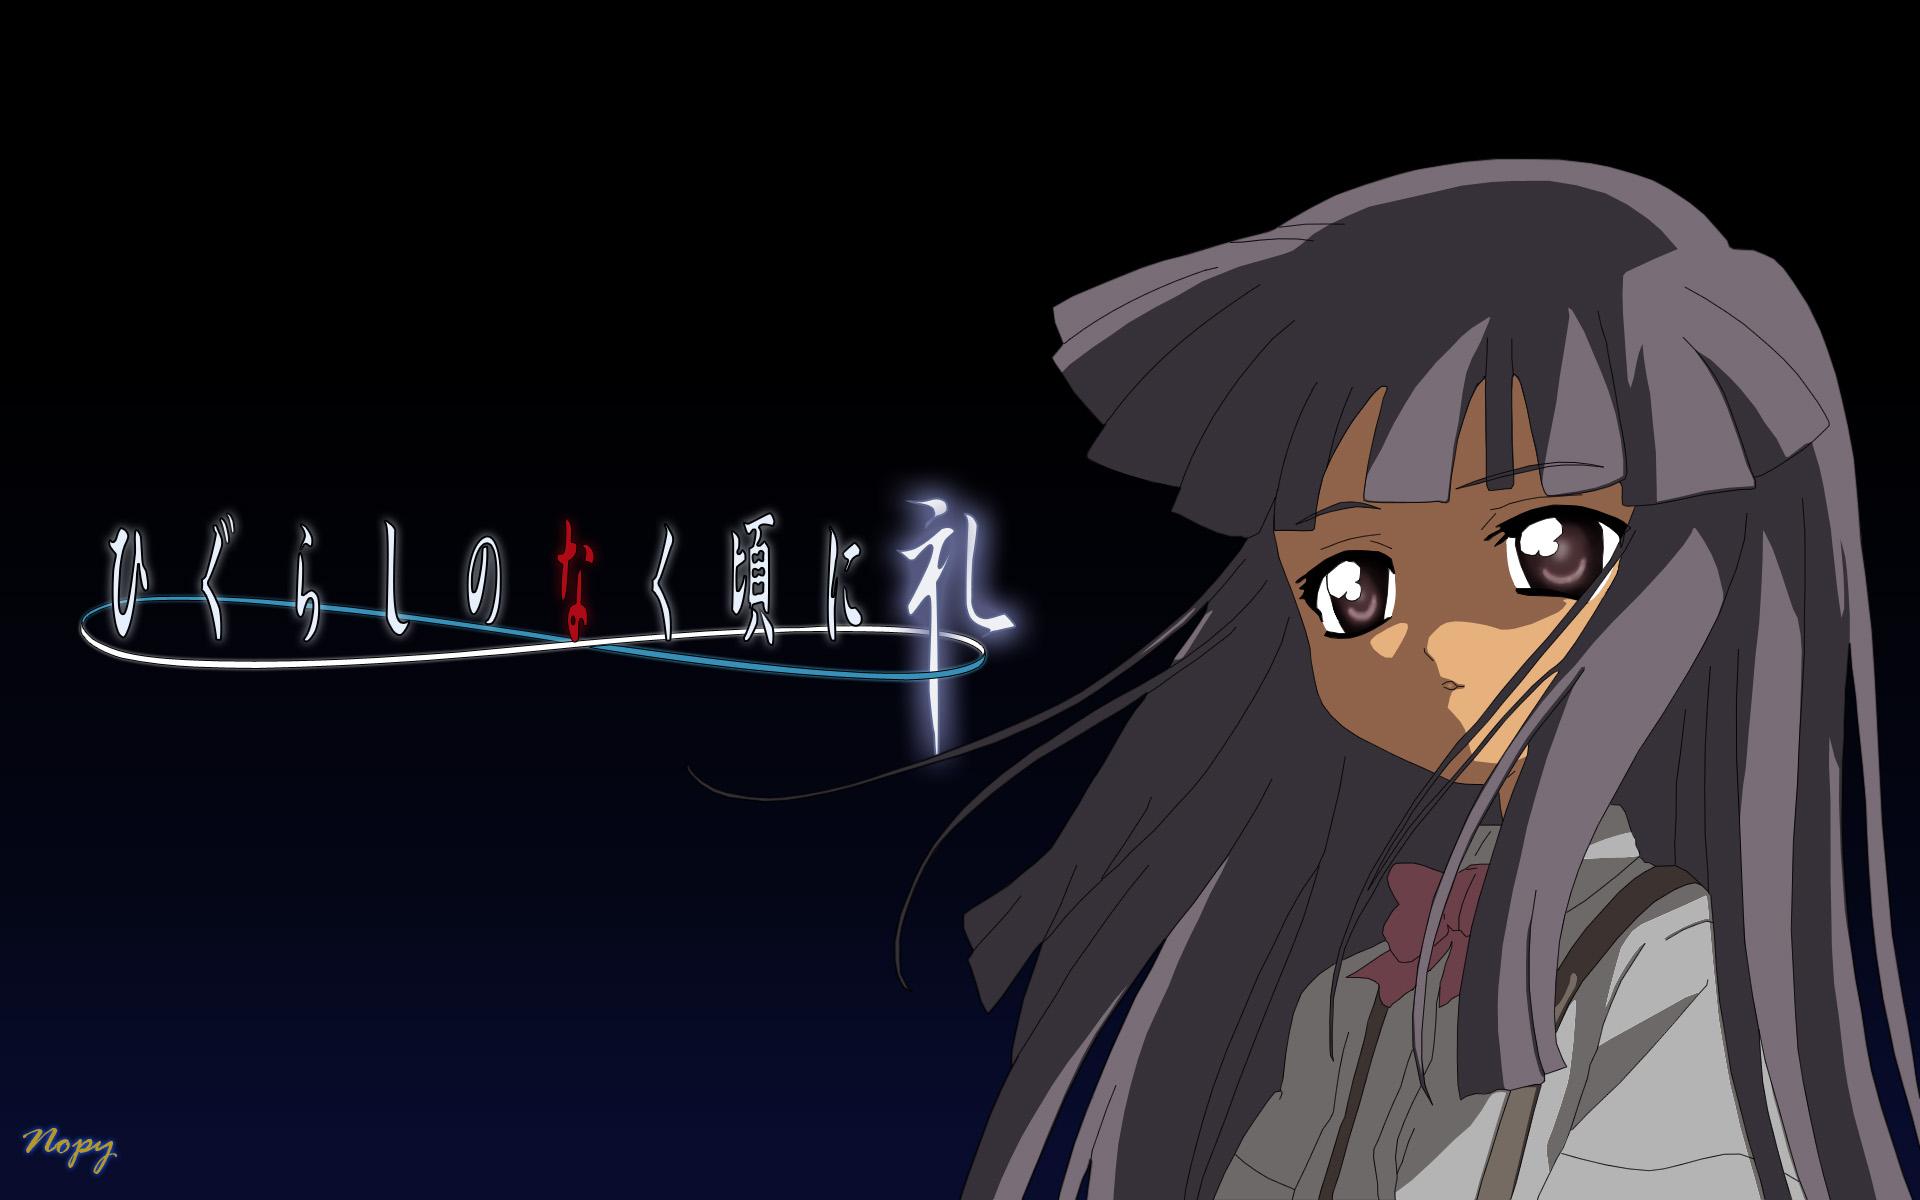 Free Download Higurashi No Naku Koro Ni Rei Wallpapers Nopys Blog